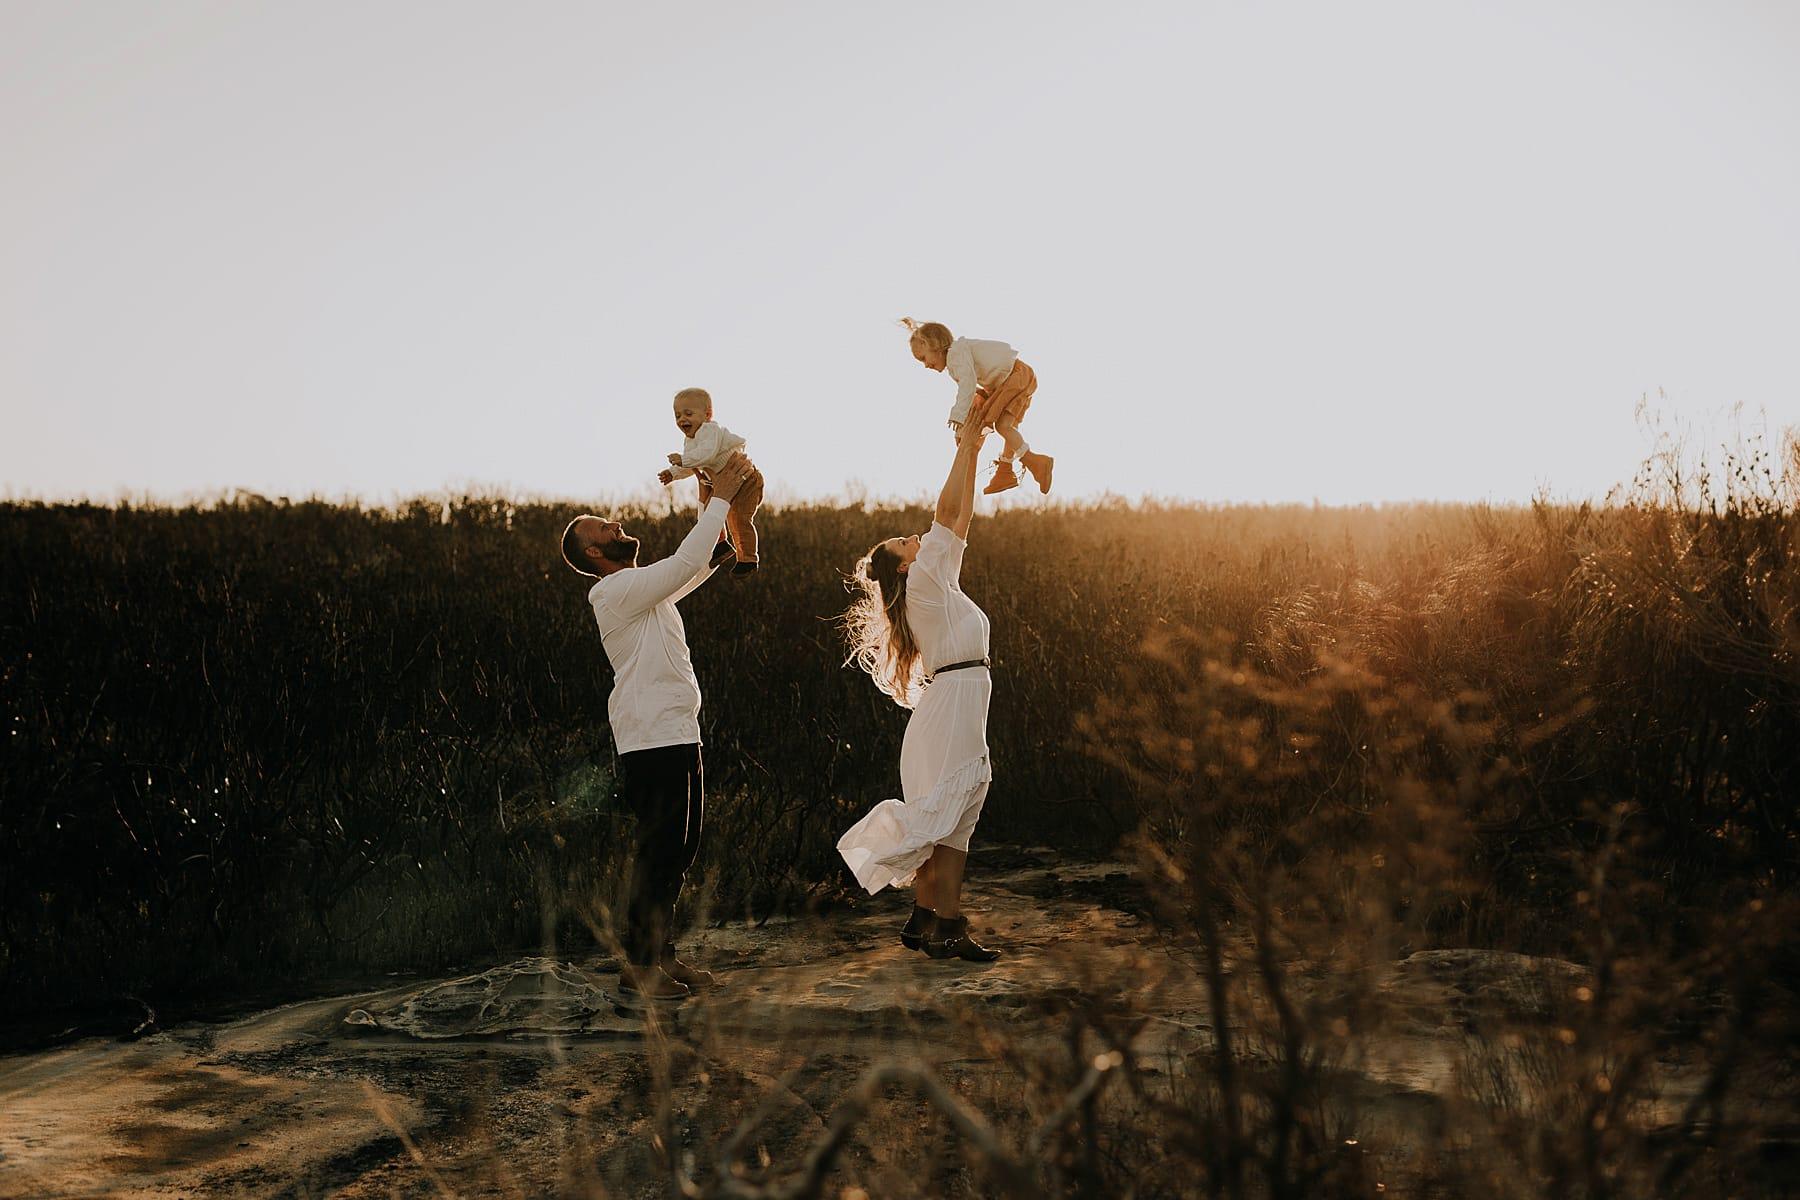 emmawandphotography-cronullaphotographer-sutherlandshirephotographer-family-kids-familyadventure-sydneydocumentaryphotographer-sydneylifestylephotographer0001